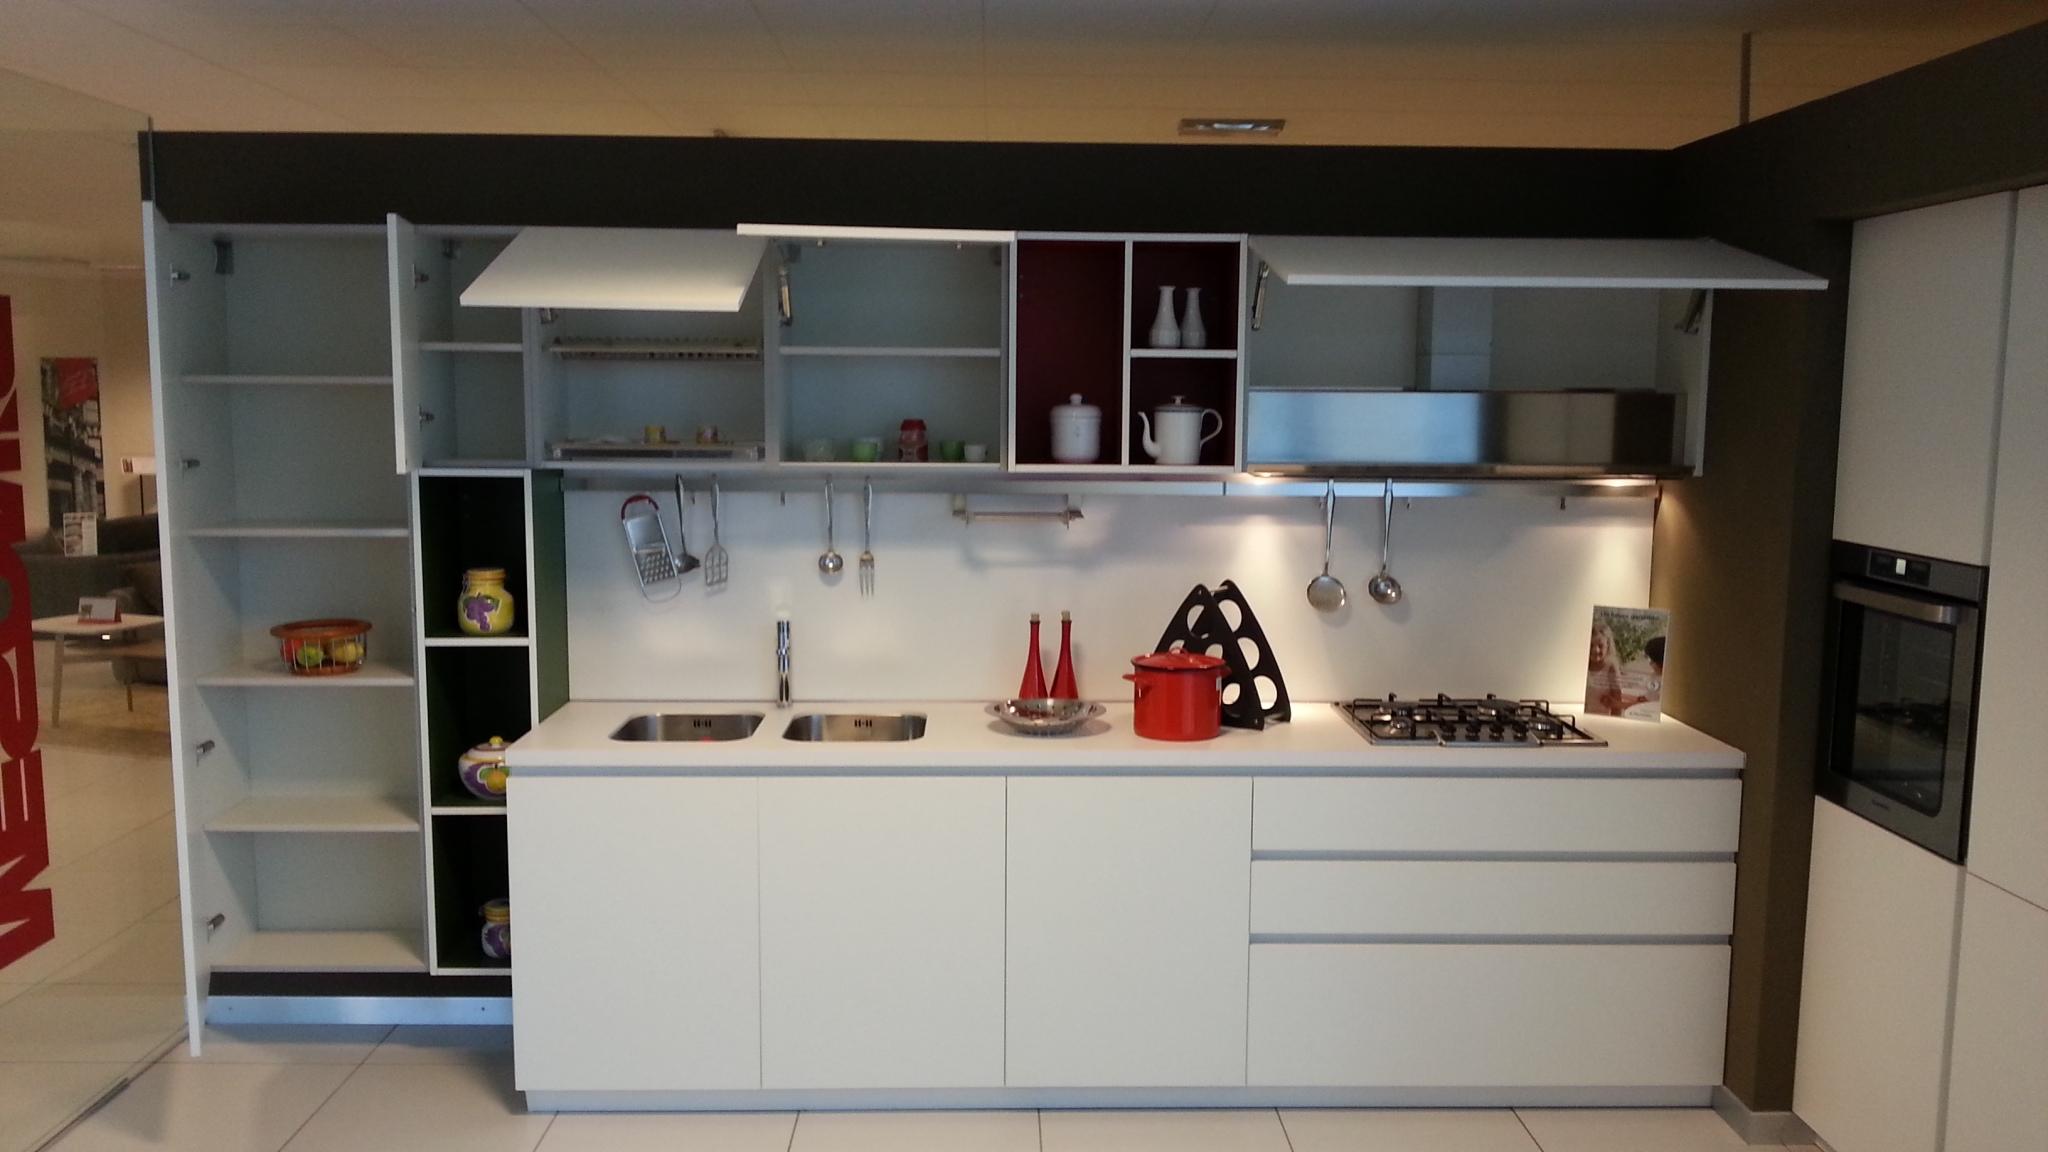 Outlet cucina mesons cucine a prezzi scontati - Maniglie sportelli cucina ...